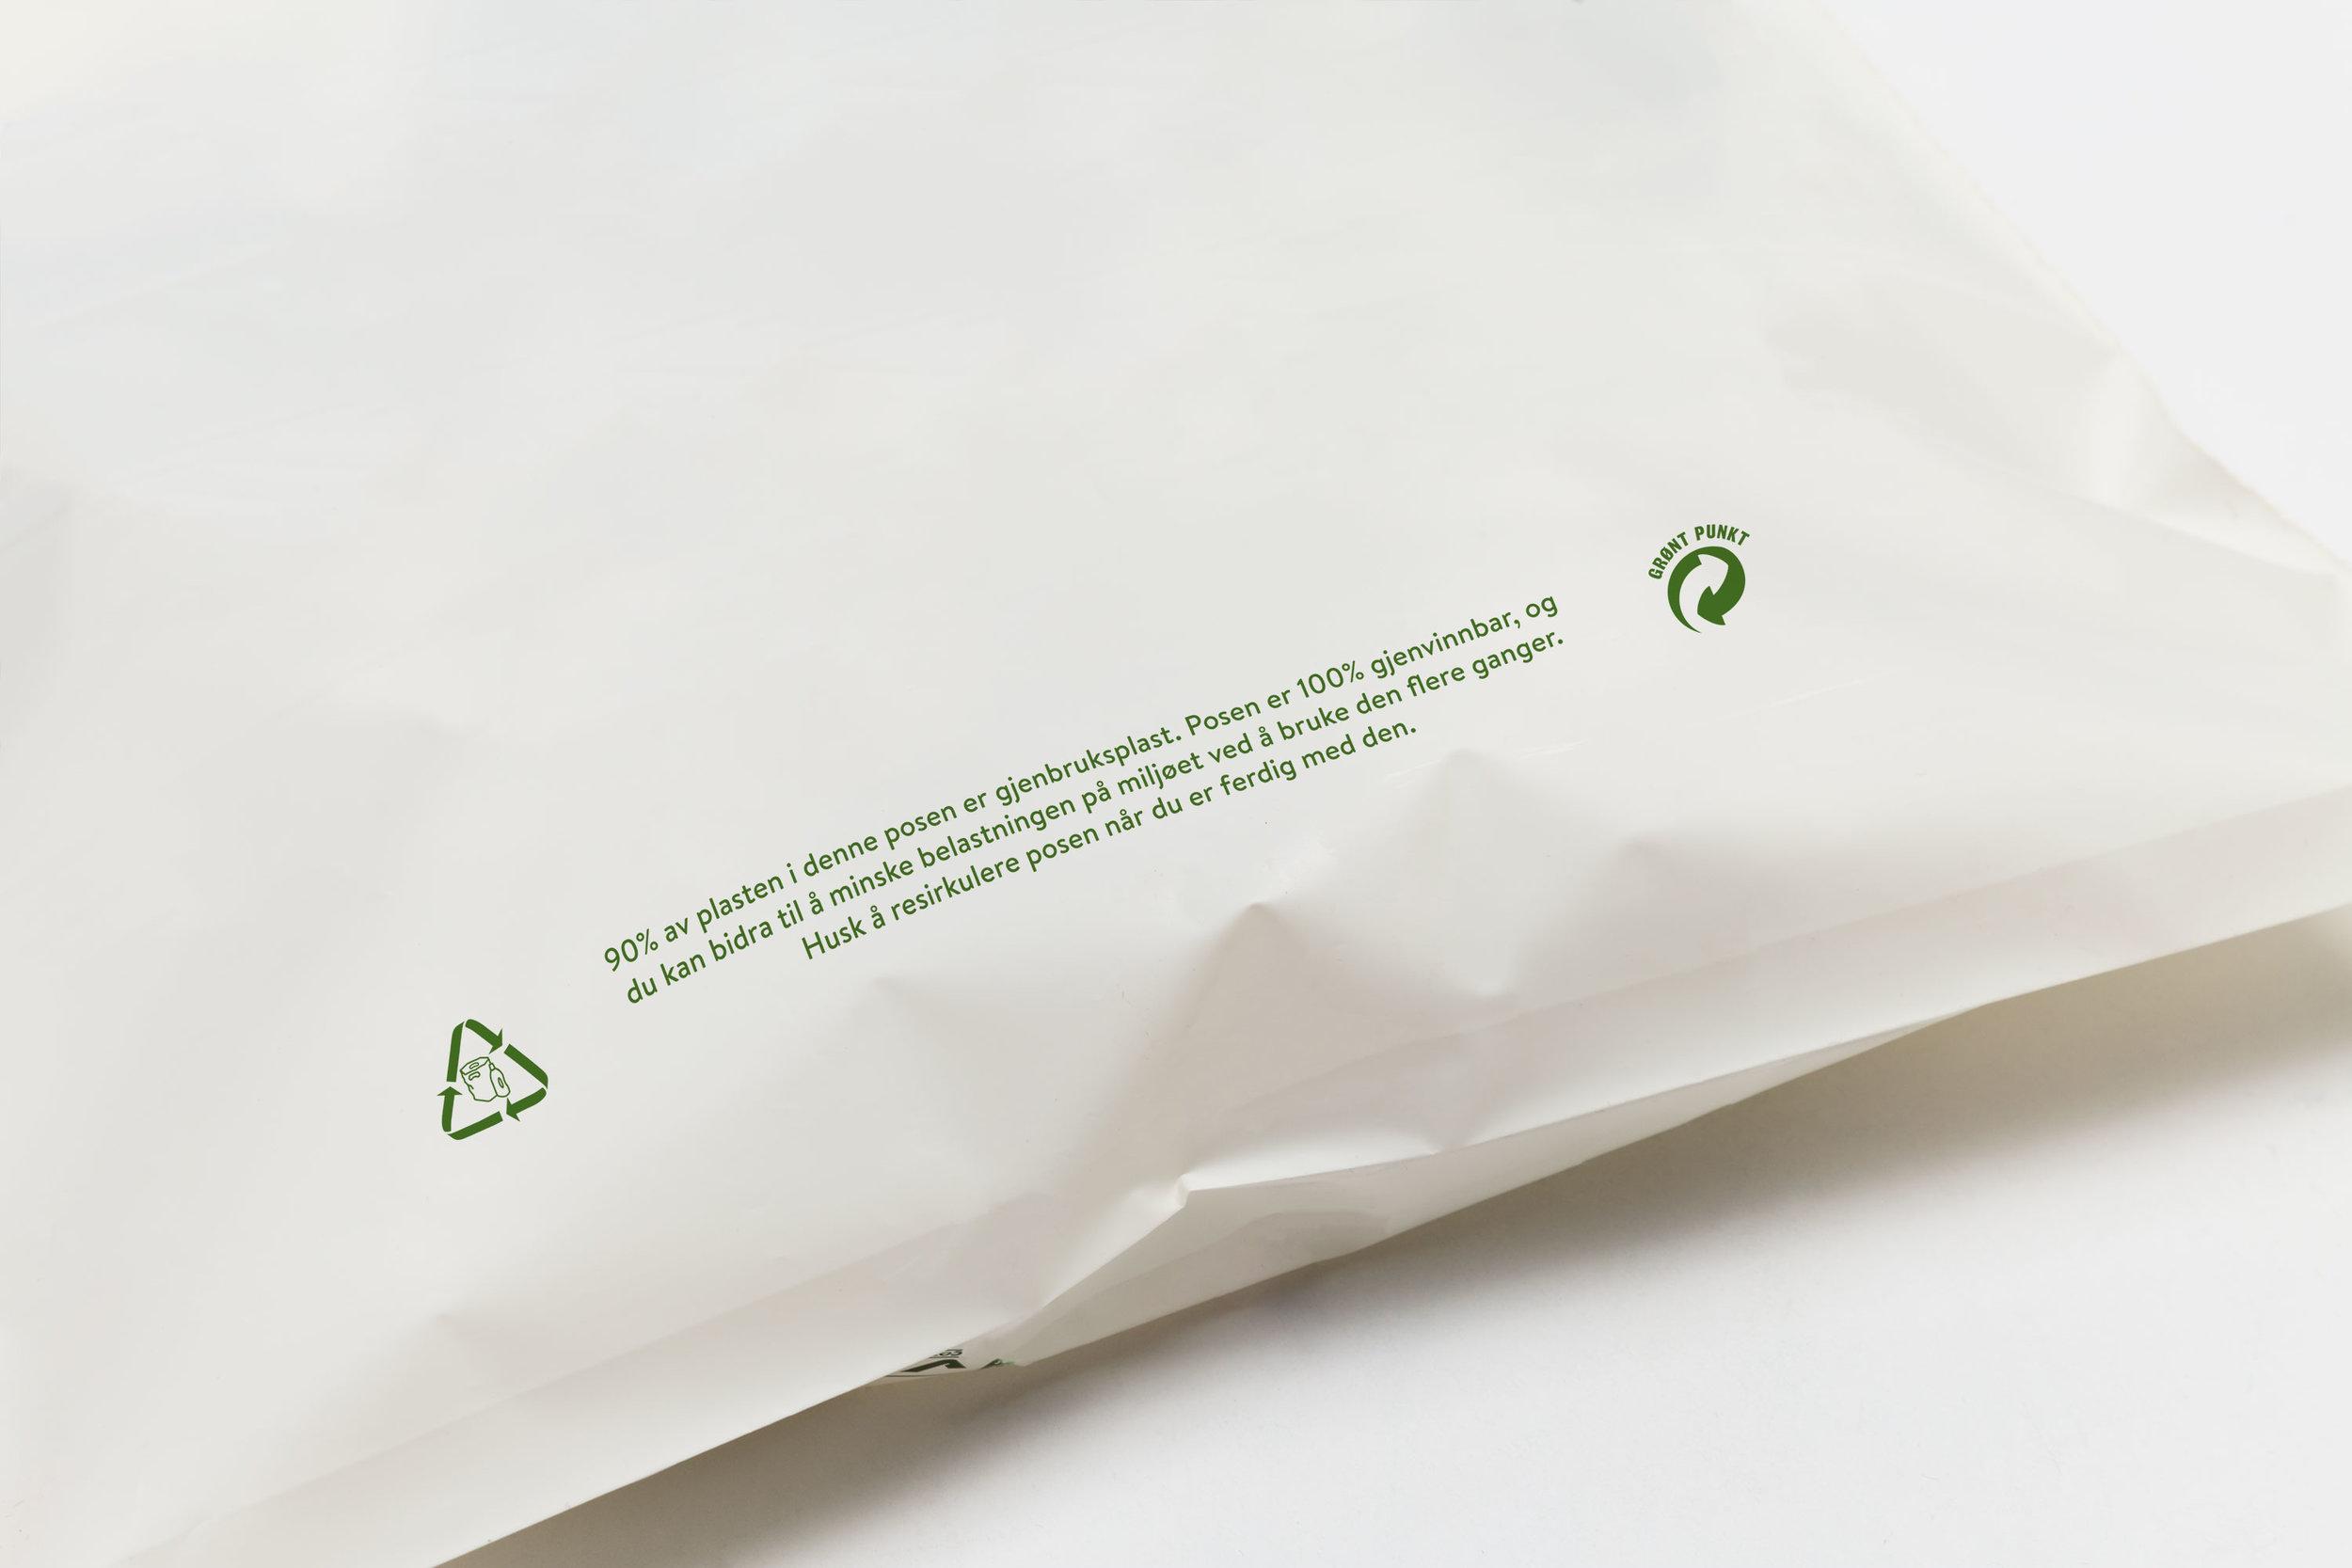 Posene ev gjenbruksplast kan påtrykkes relevant miljømerking og informasjon. Her kan man enten ha logoer og tekst nederst på frem- og bakside, med informasjon om posens miljøegenskaper og en oppfordring om å bruke den flere ganger, eller man kan ha merking i posens bunnfals, med info om posens innhold, produksjonsland, resirkulering mm.